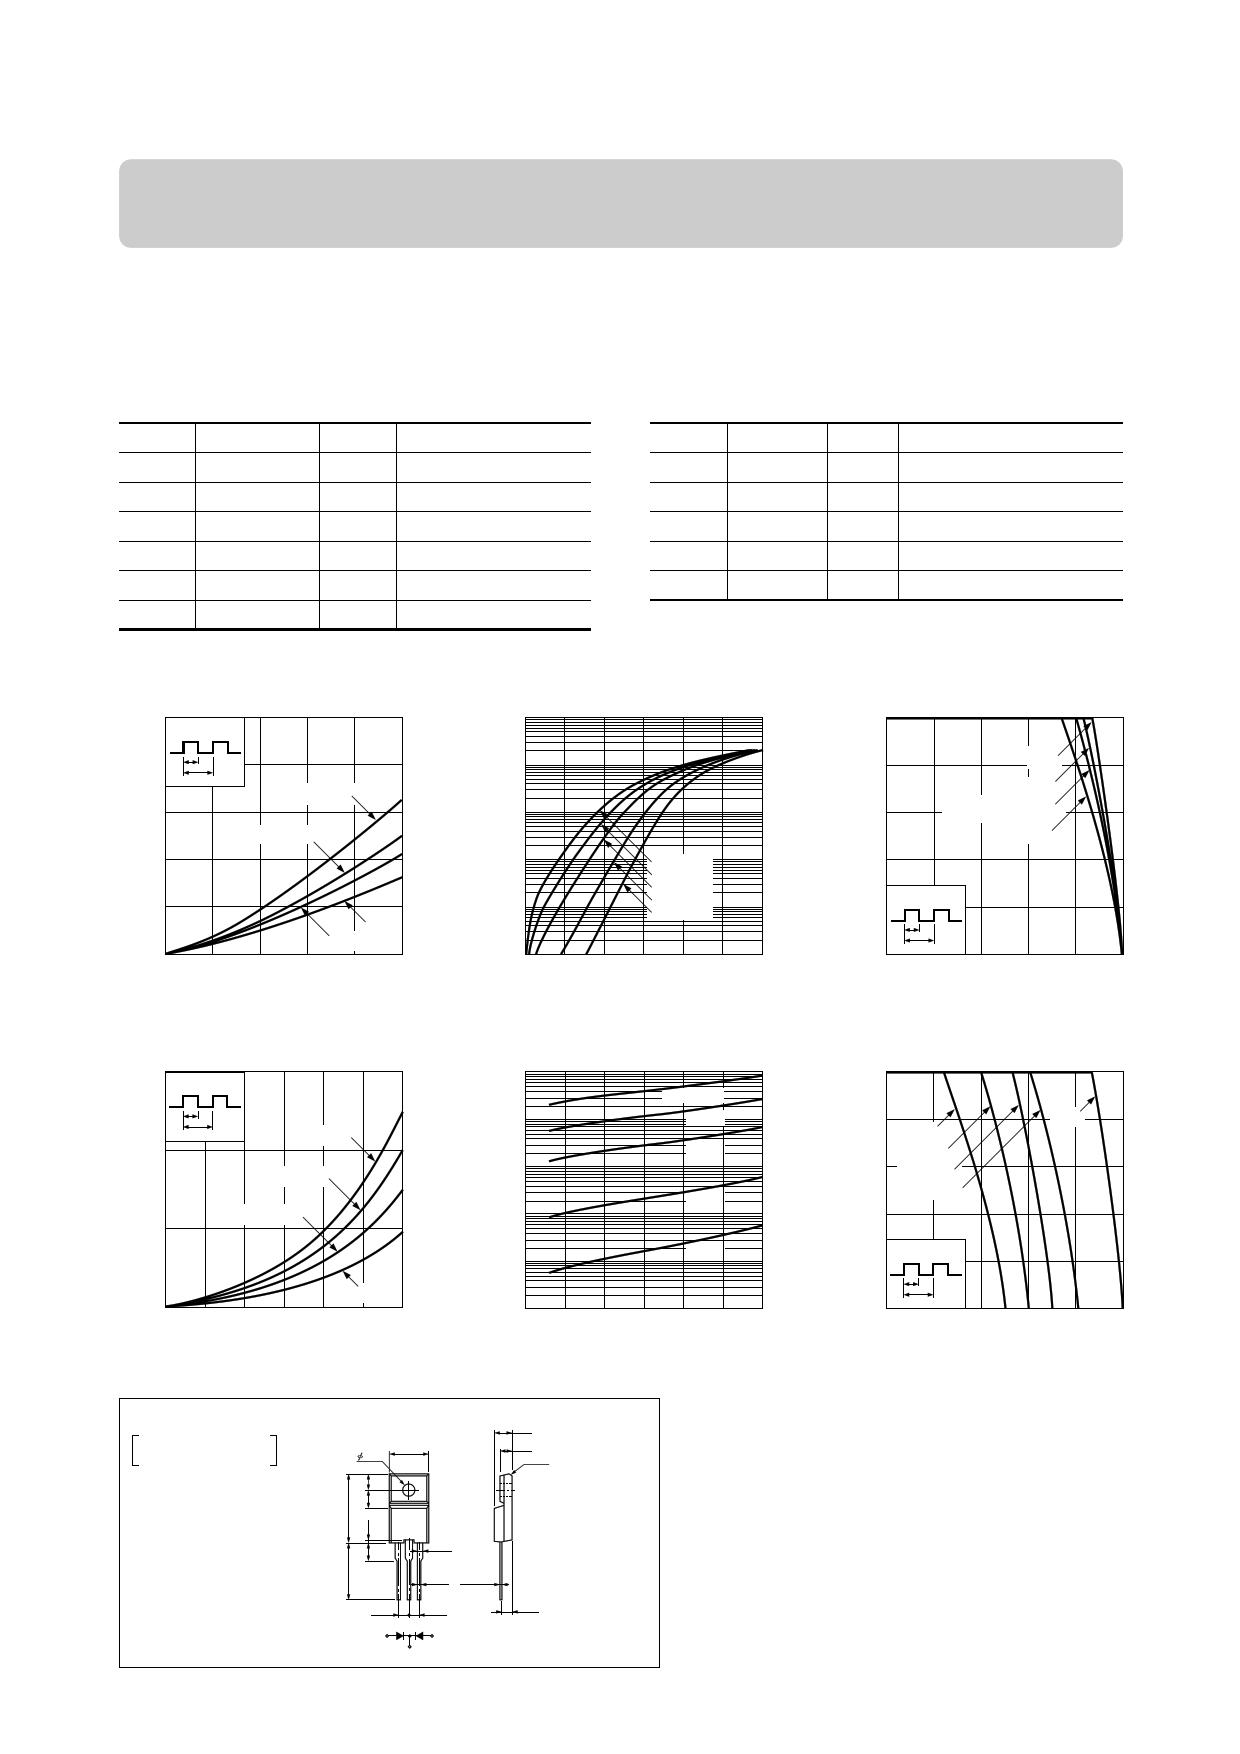 FMJ-23L دیتاشیت PDF